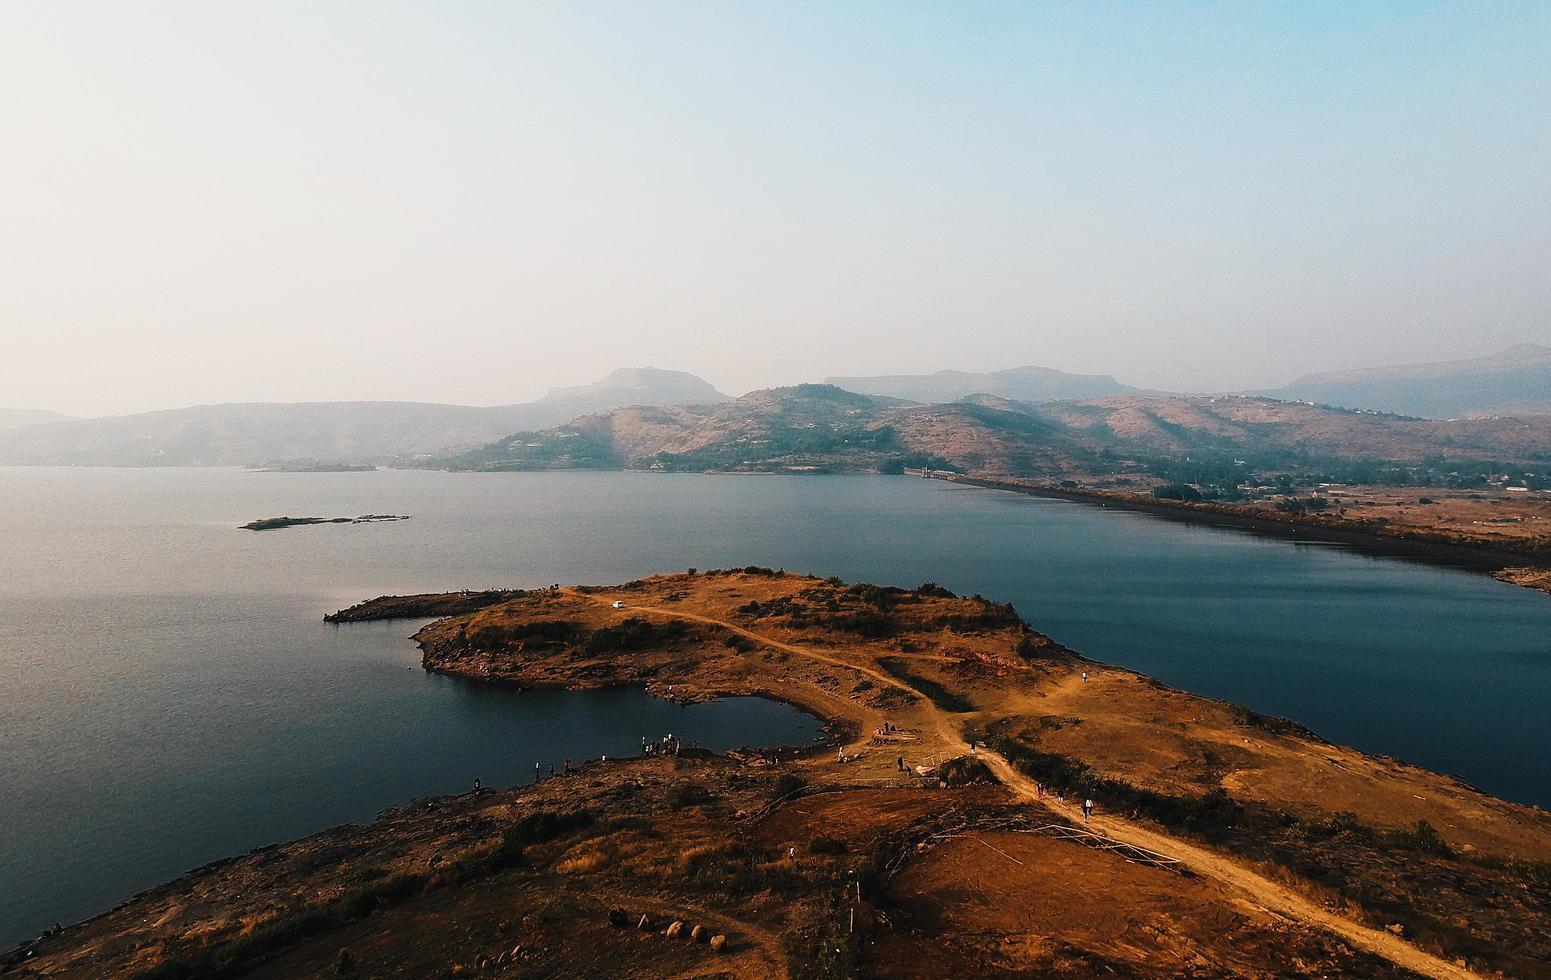 Flygfoto över en ö foto